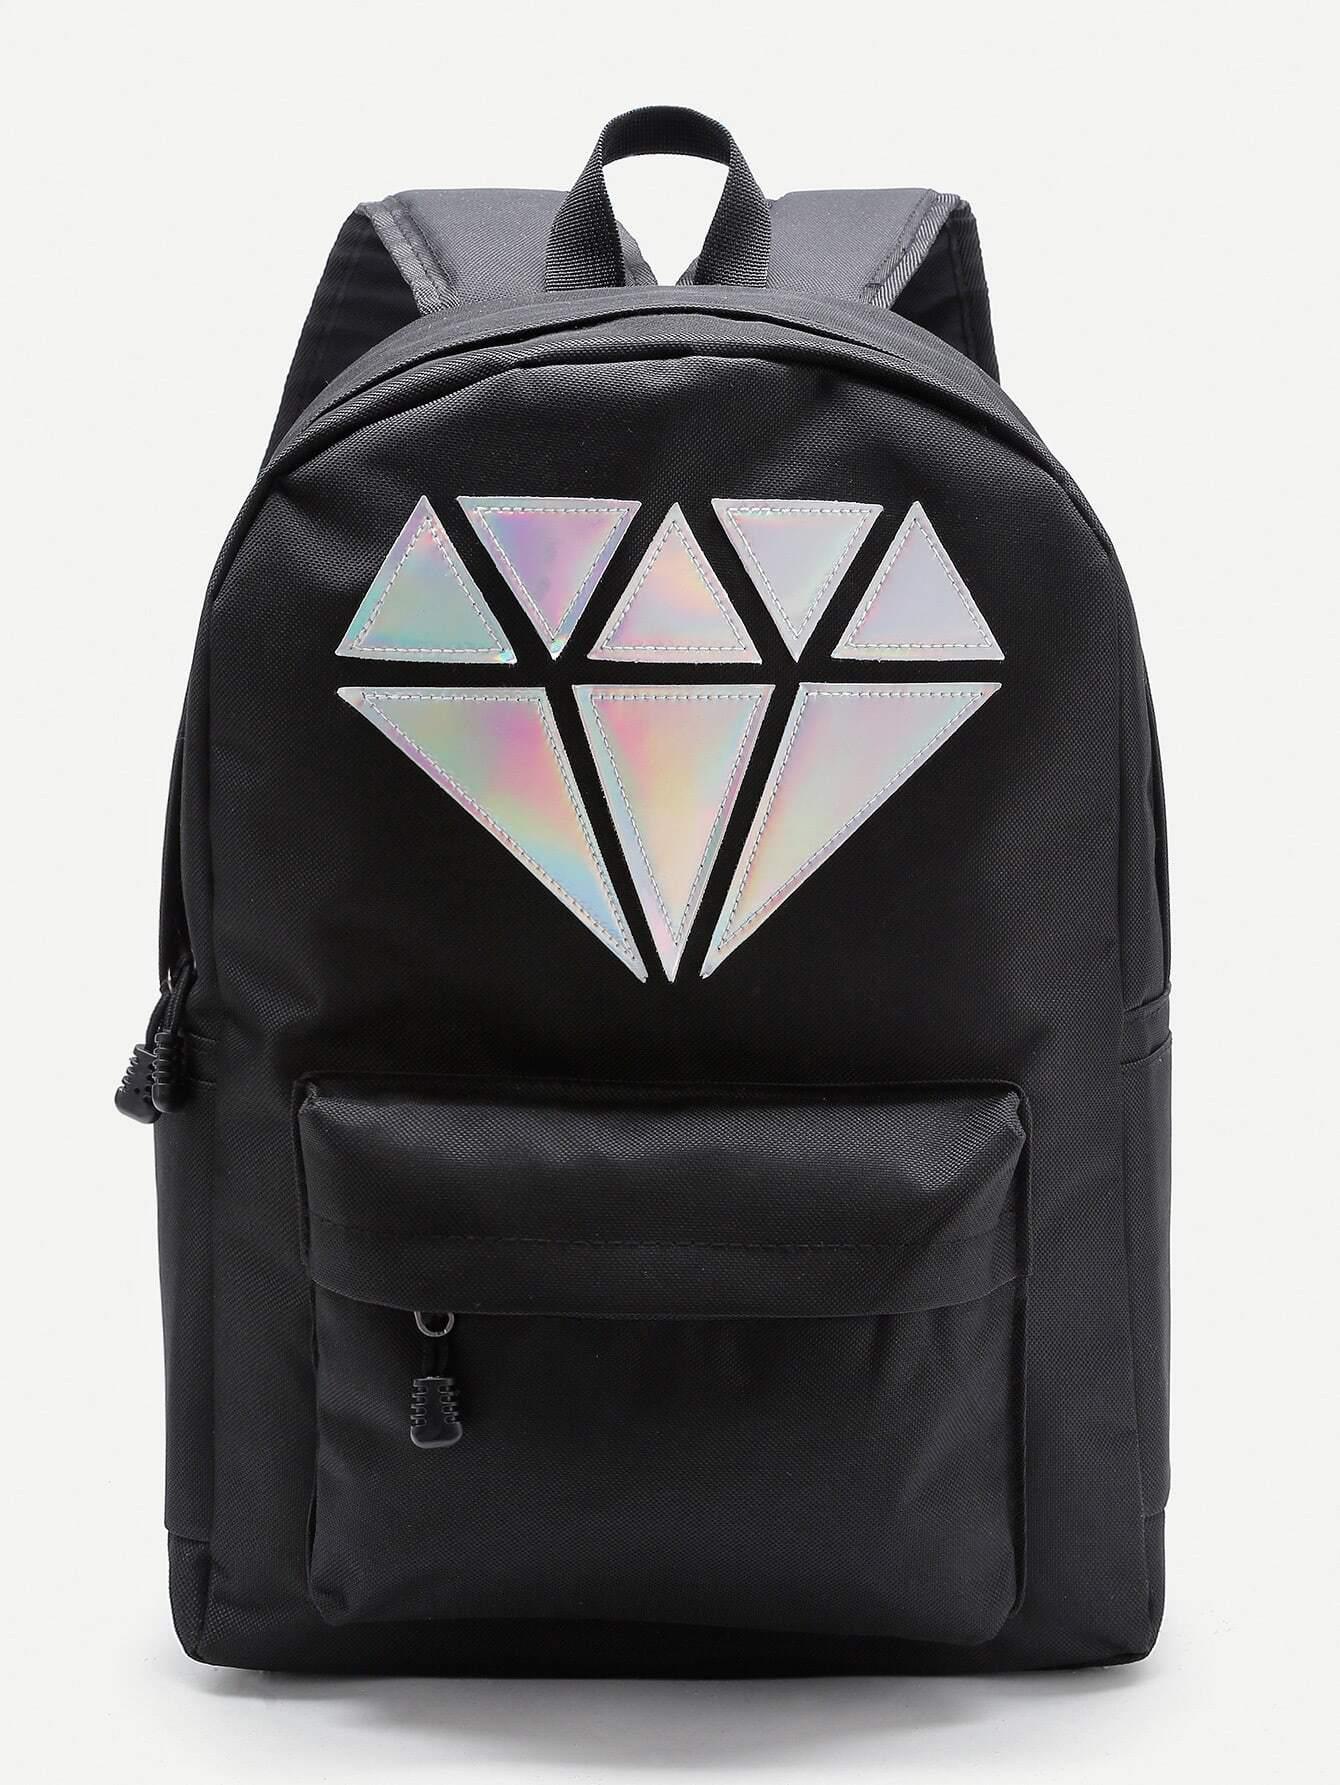 mochila con parche de diamante met u00e1lico y bolsillo en la